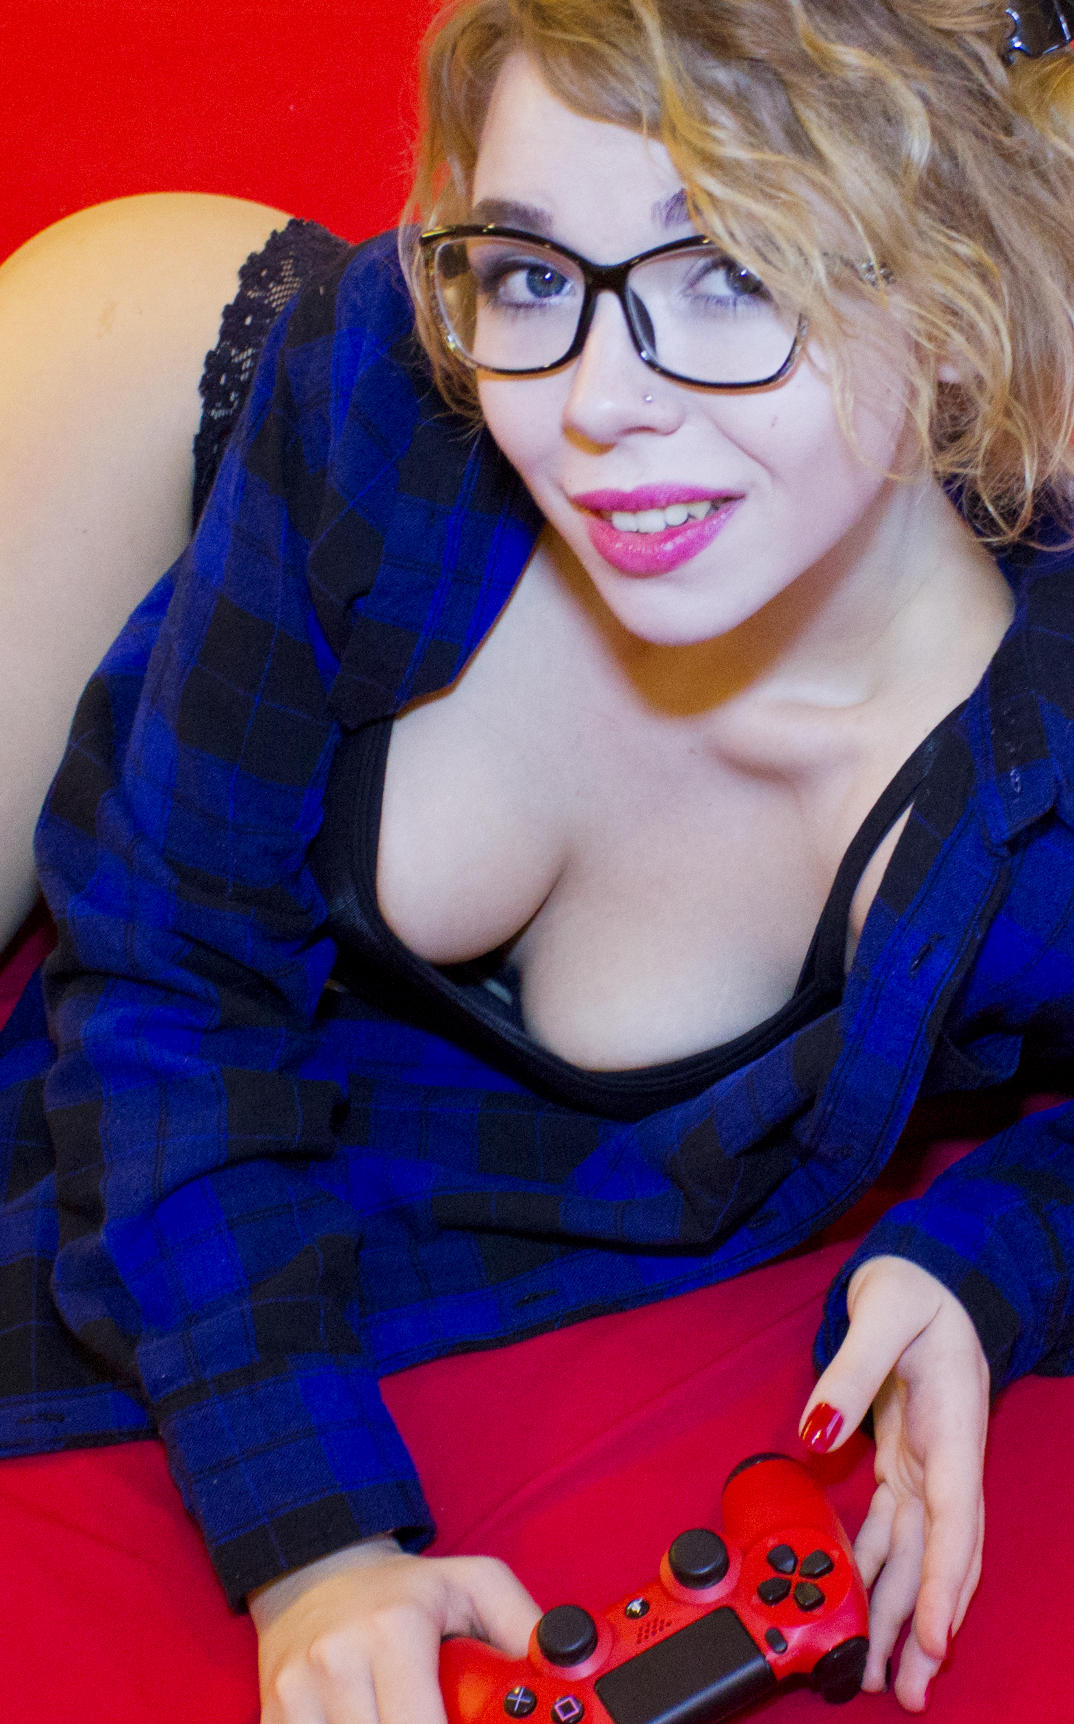 порно порнхаб русские мужики фото